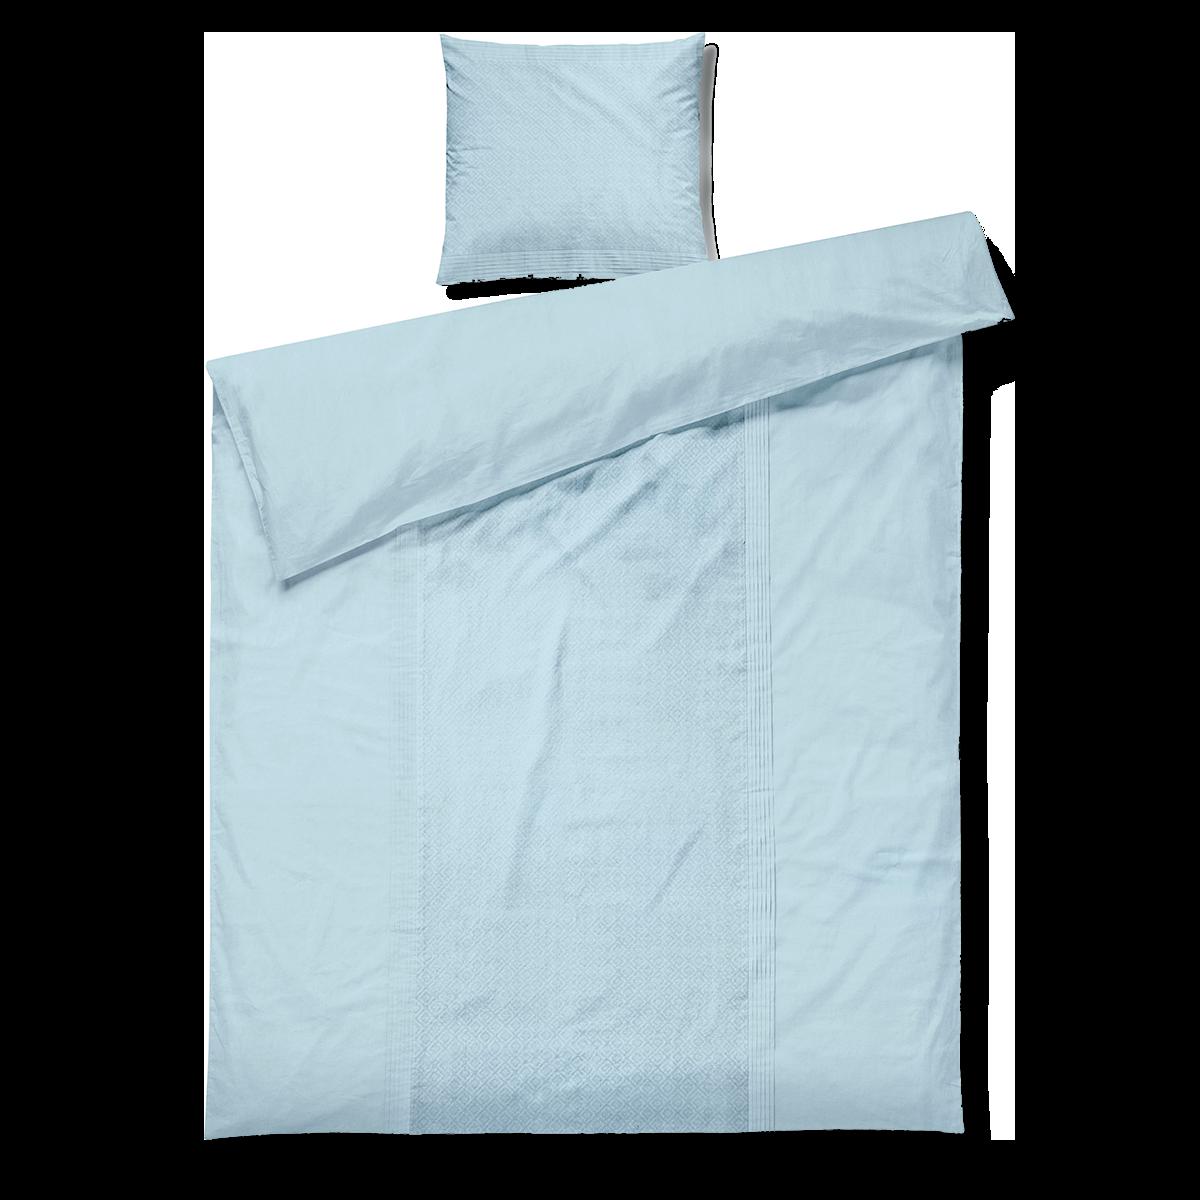 Juna Aristo sengelinned, 140x200 cm, blå